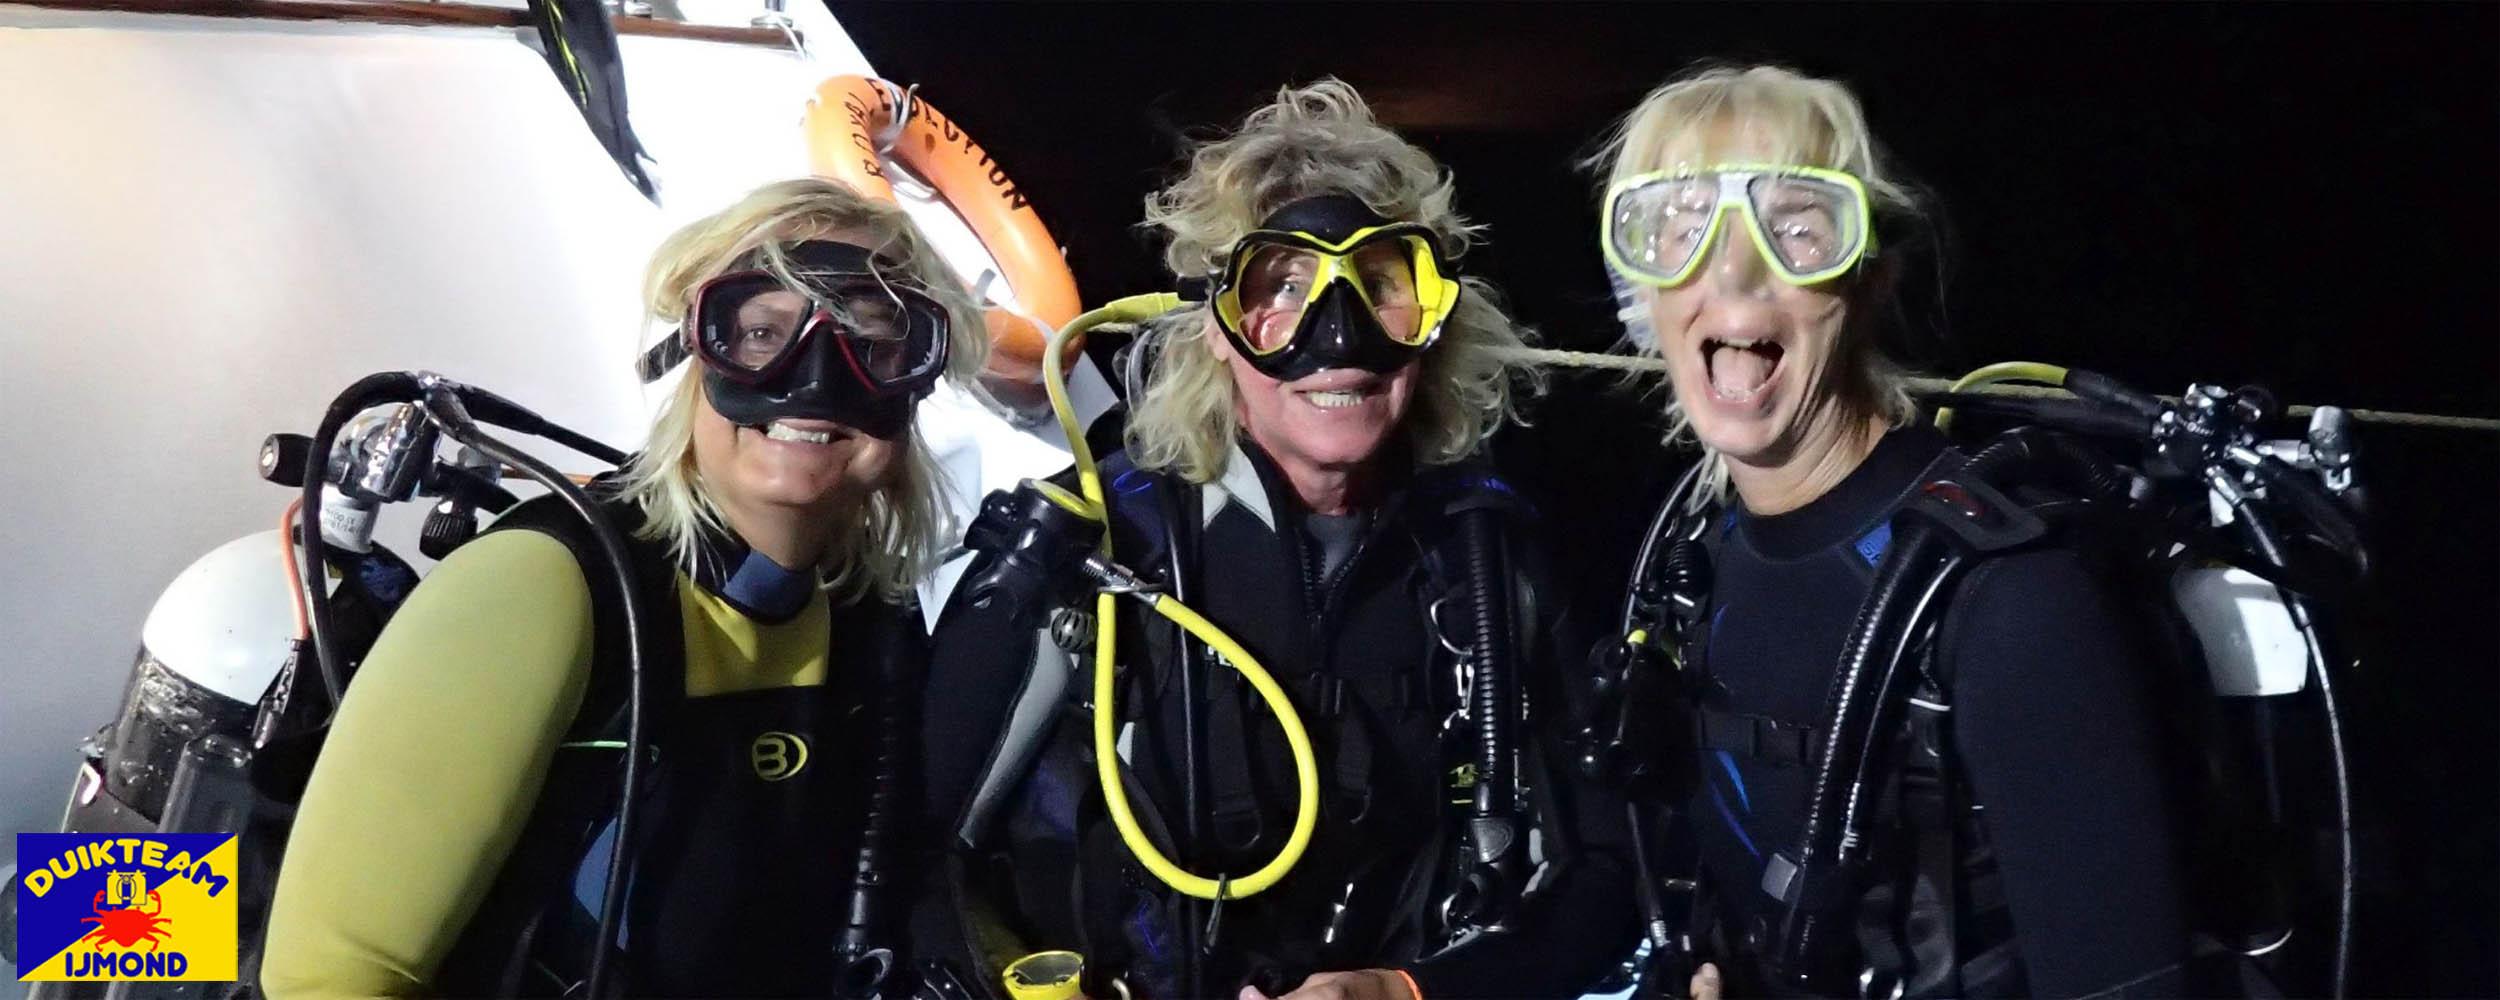 Ook de dames duiken bij duikteam ijmond